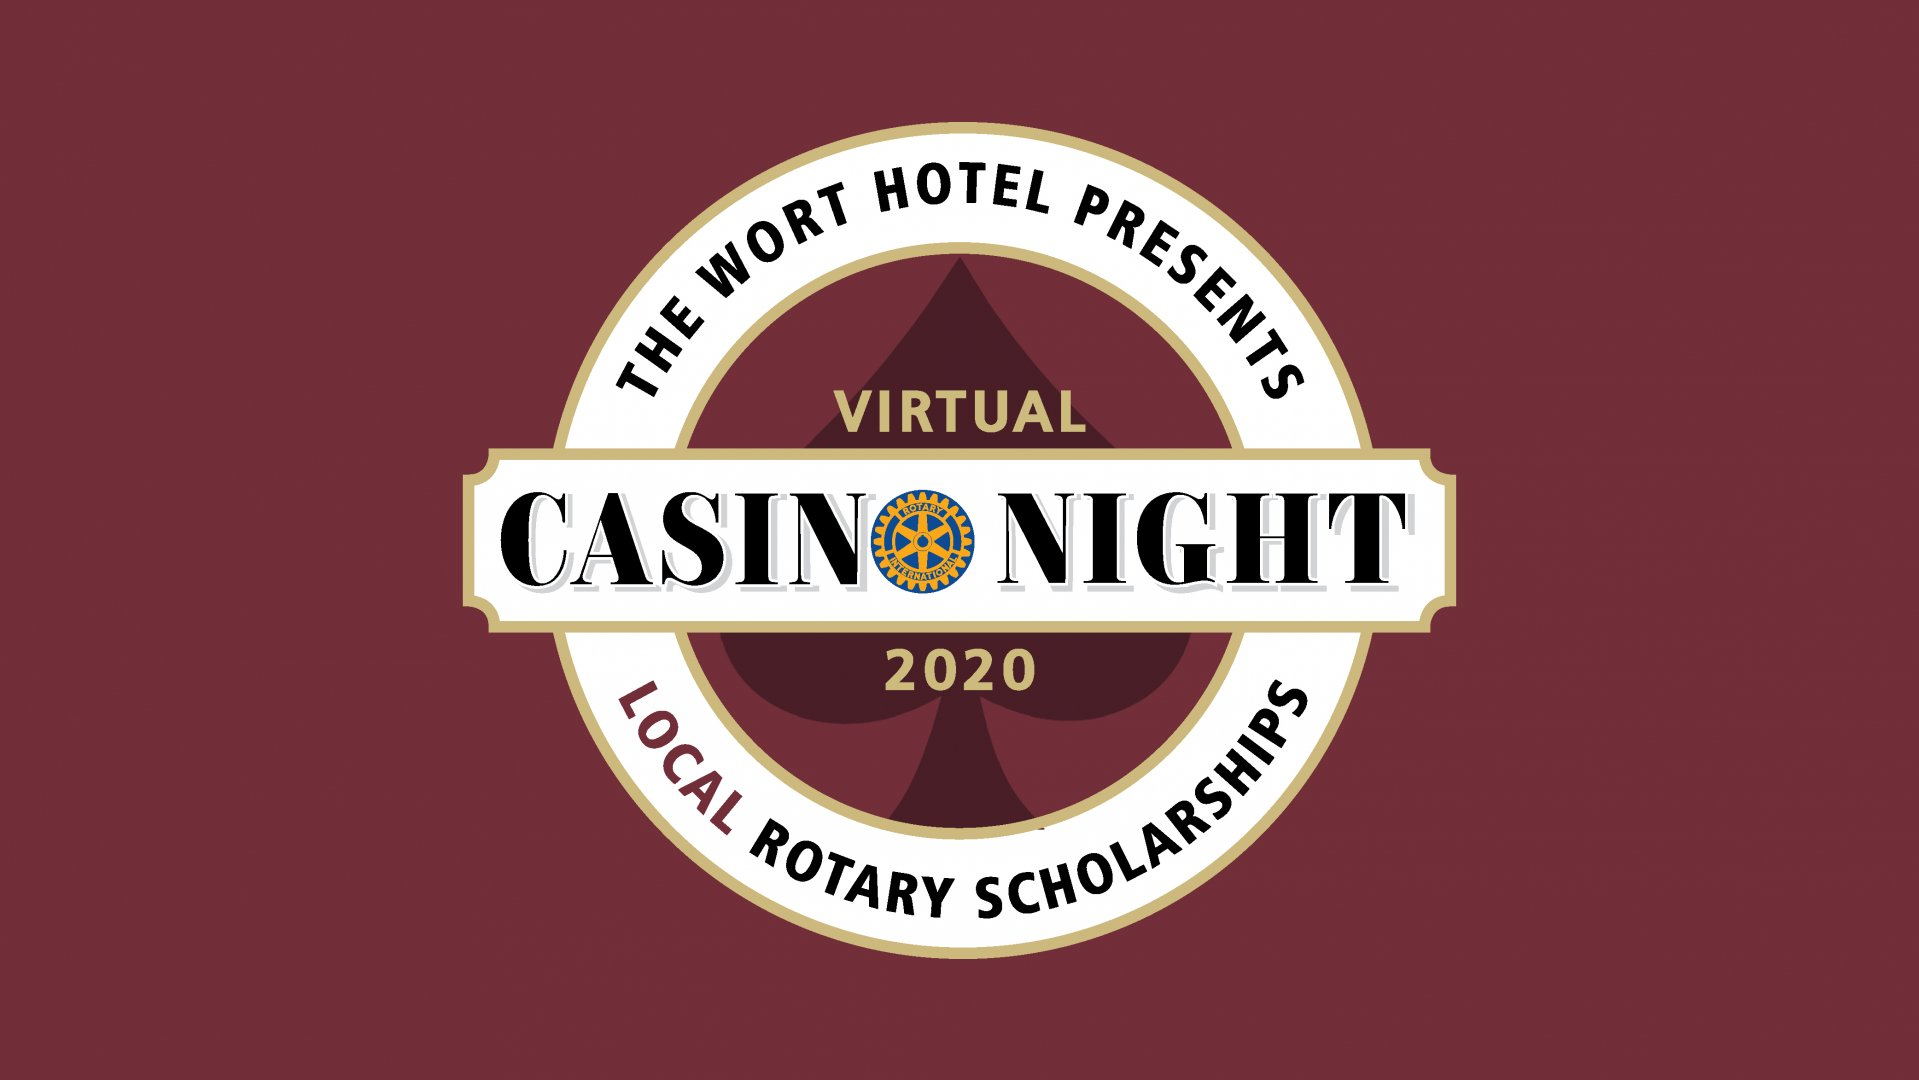 Virtual Casino Night 2020